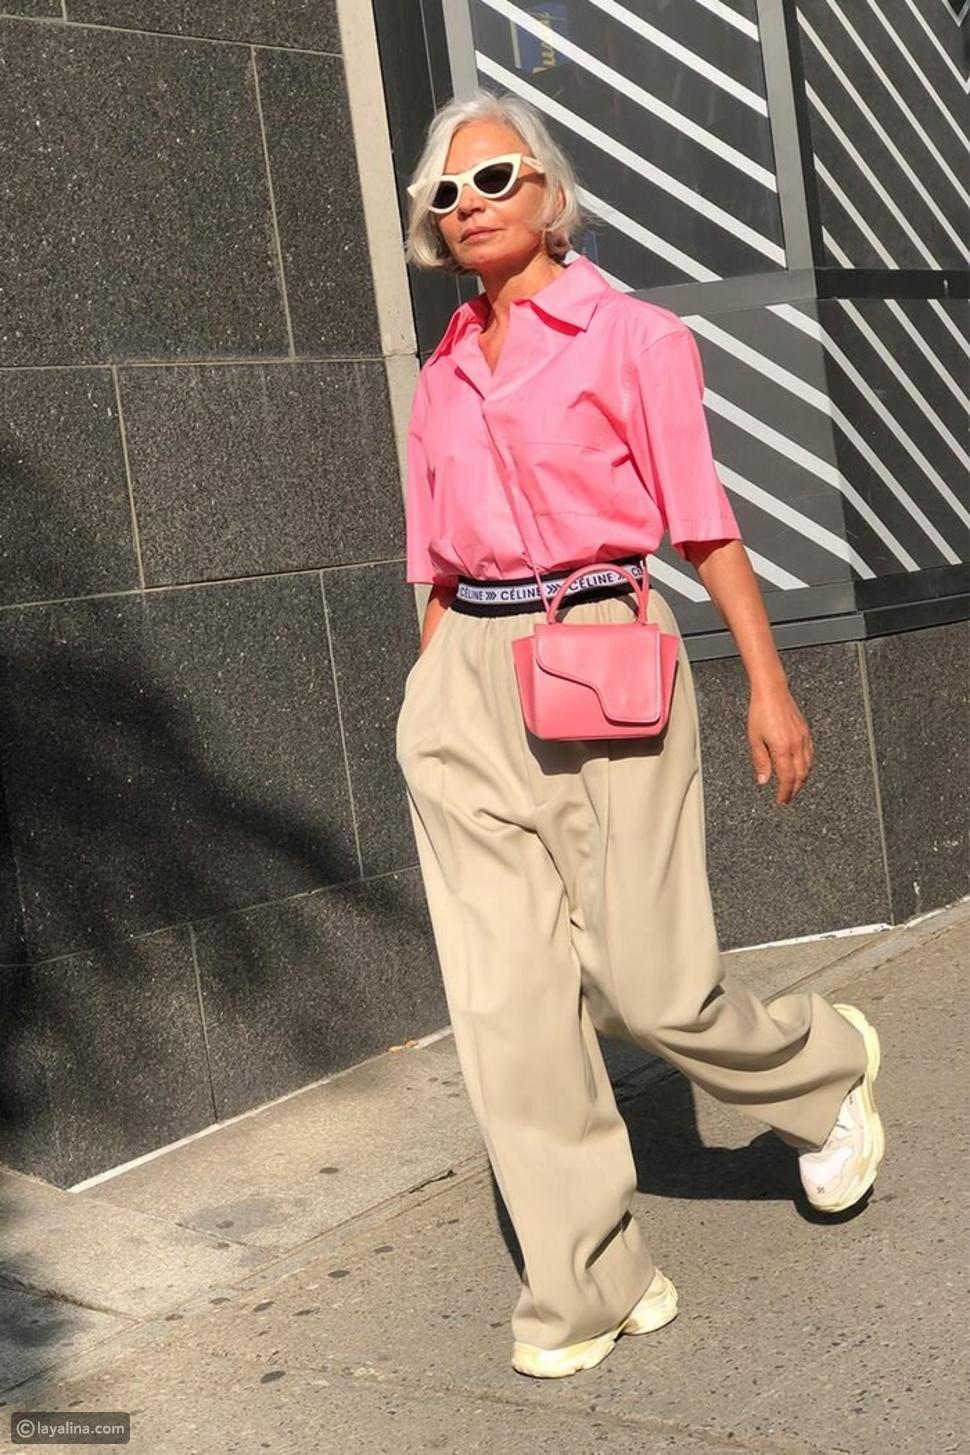 أخطاء في الموضة لا يجب أن ترتكبيها بعد الآن: إطلالة متعددة الألوان